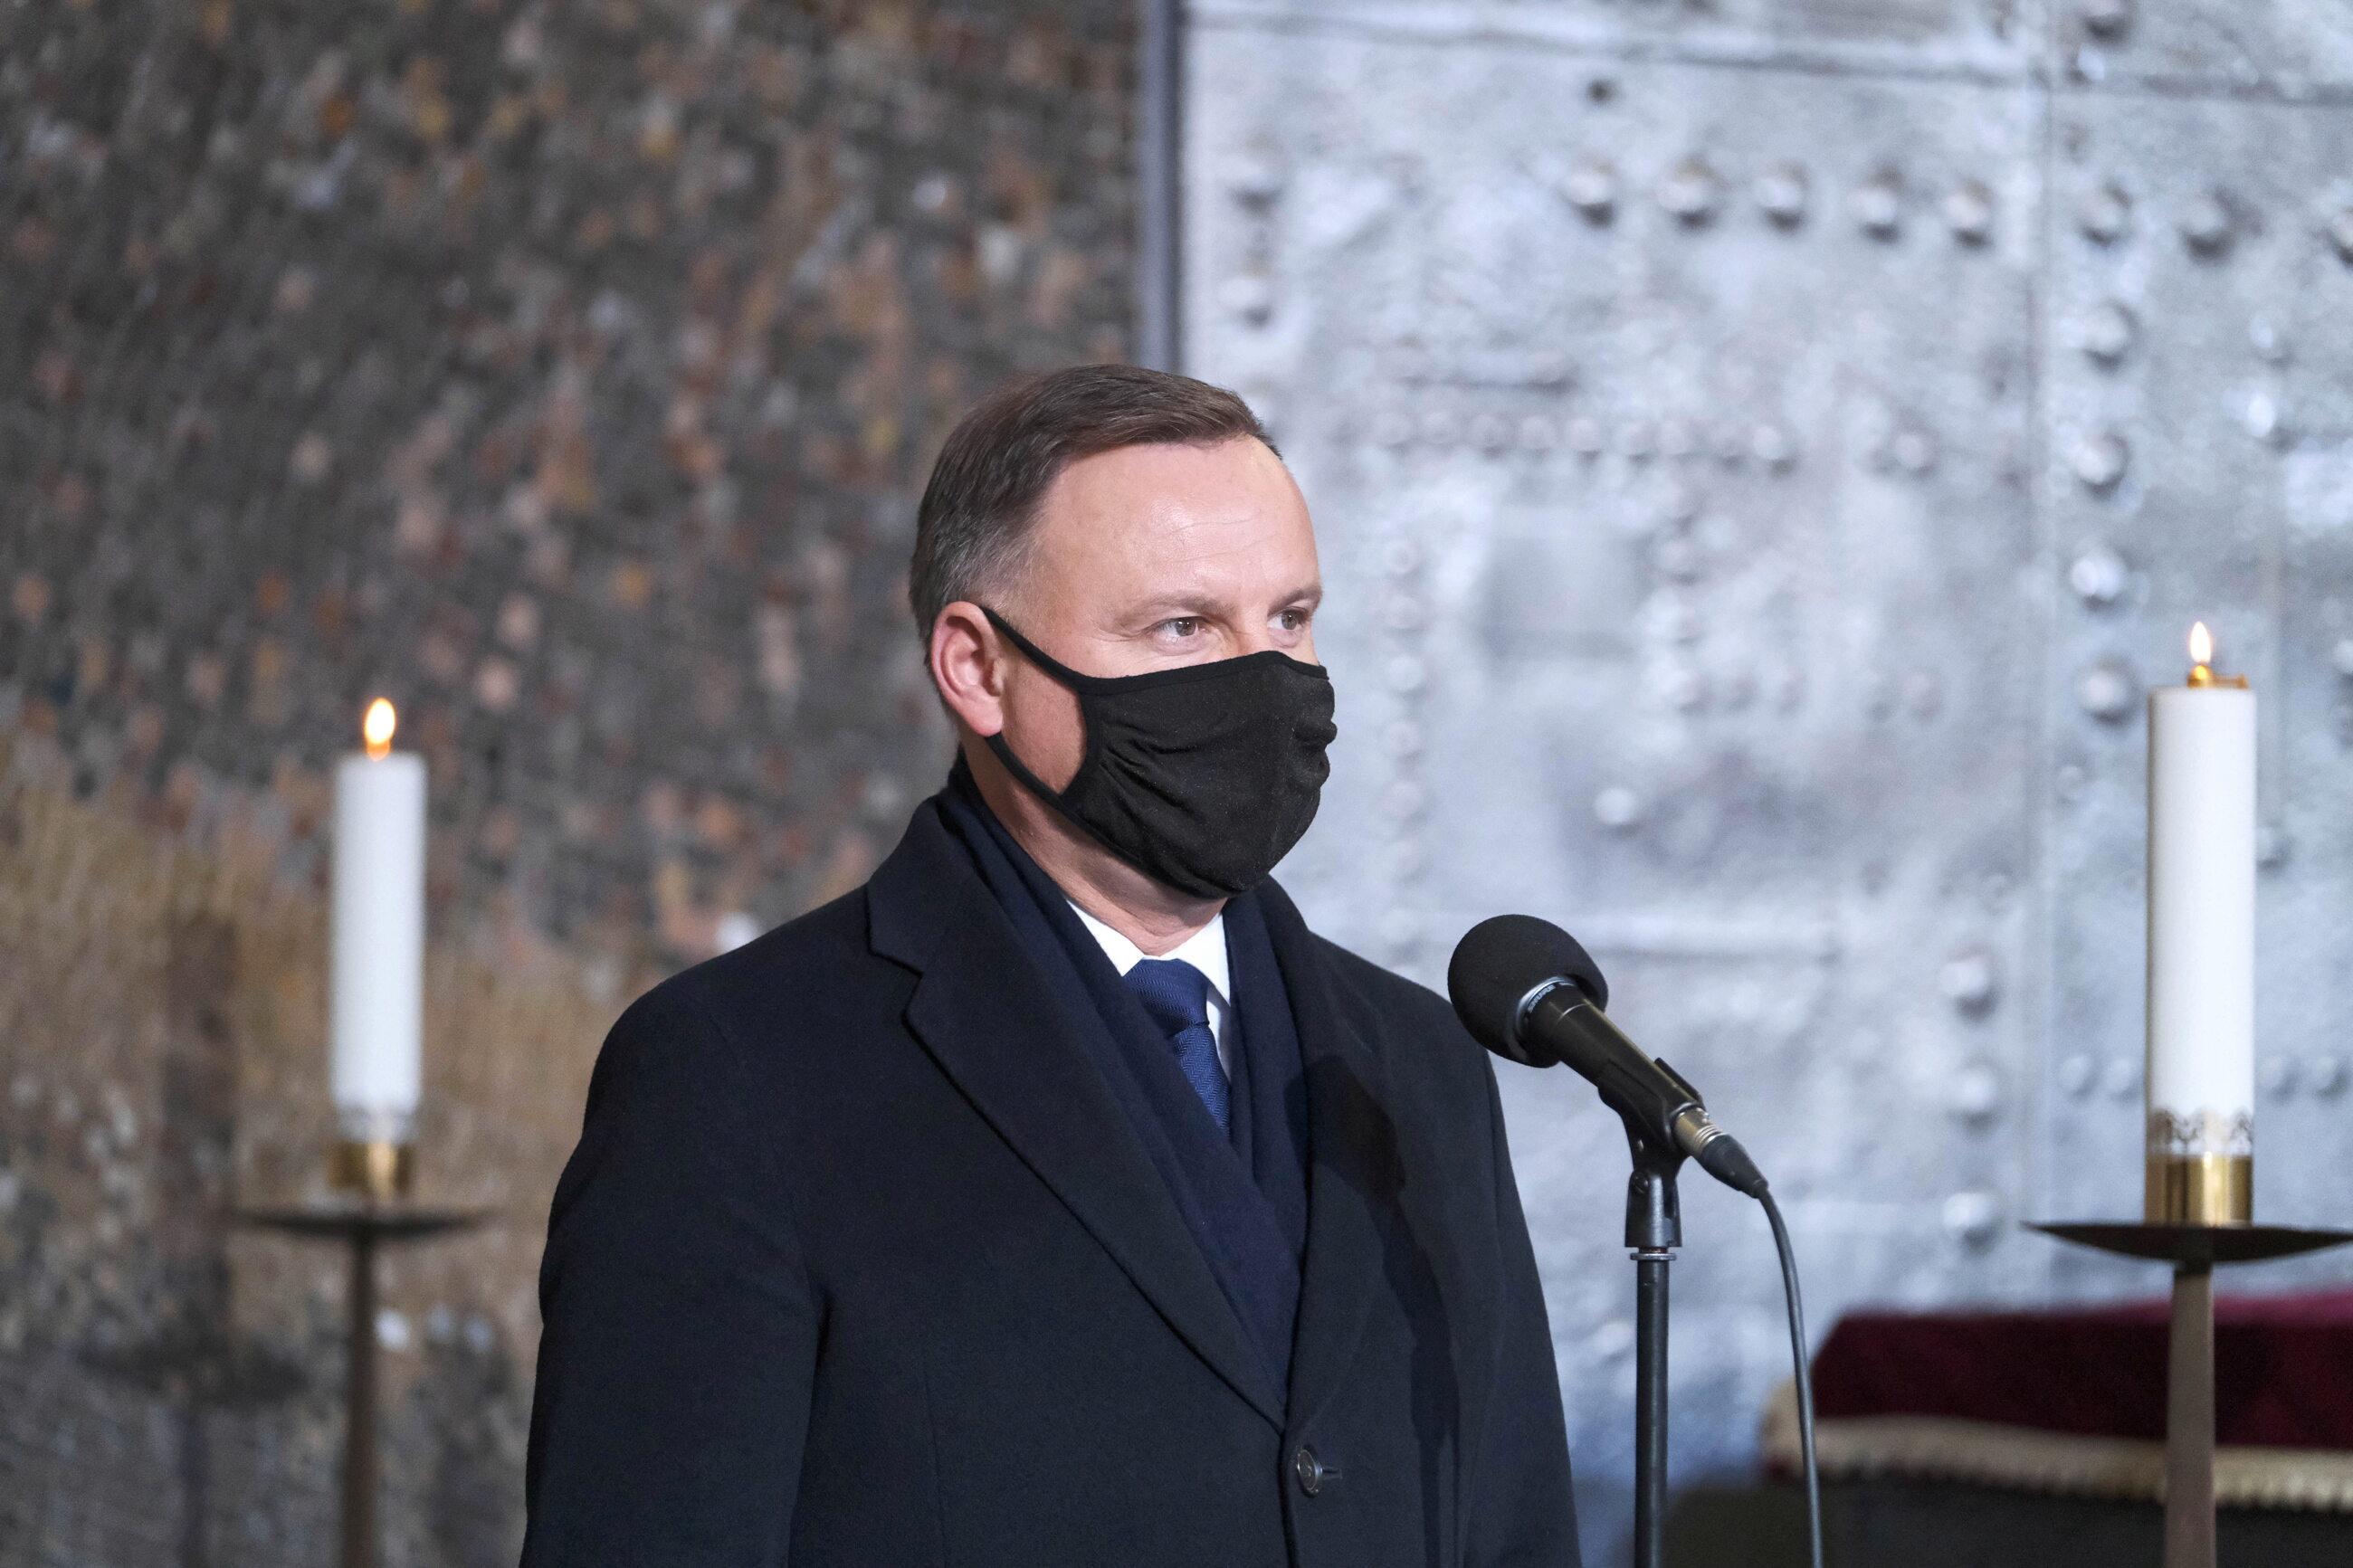 Prezydent Andrzej Duda przemawia podczas uroczystości pogrzebowych Lidii Lwow-Eberle na Powązkach Wojskowych w Warszawie